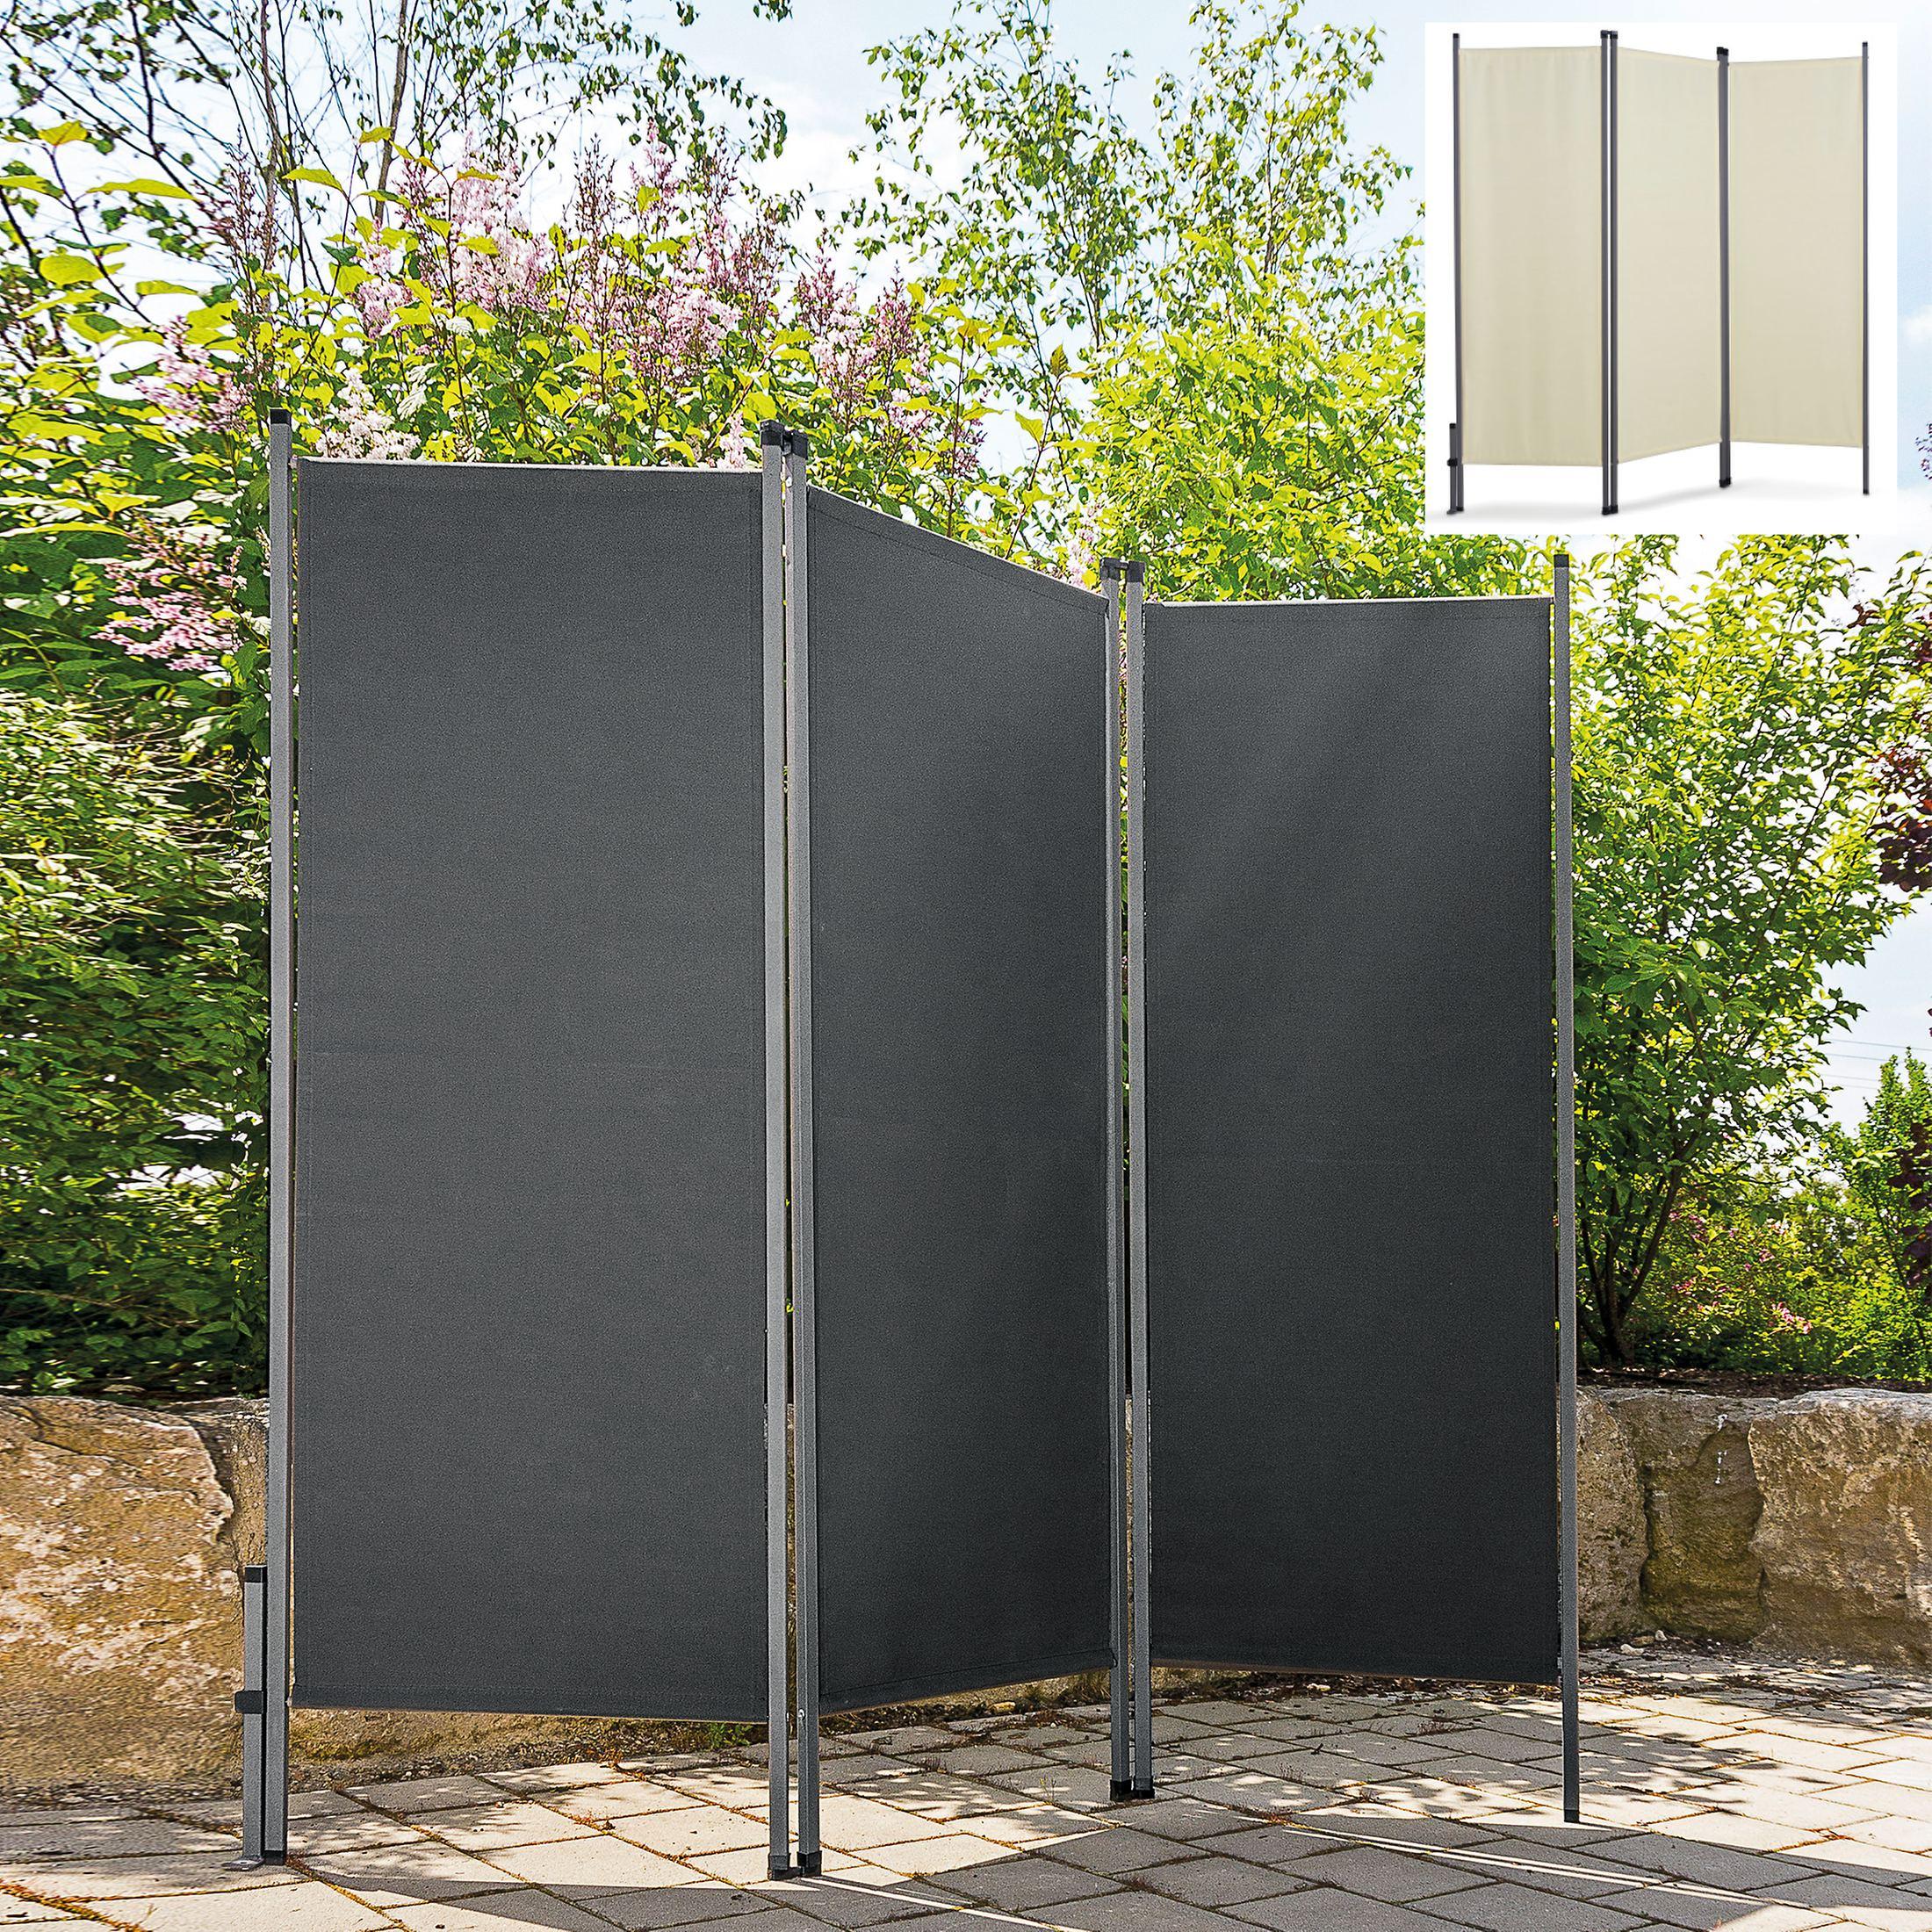 Full Size of Garten Paravent Ikea Bauhaus Holz Metall Selber Bauen Wetterfest Wohnzimmer Paravent Hornbach